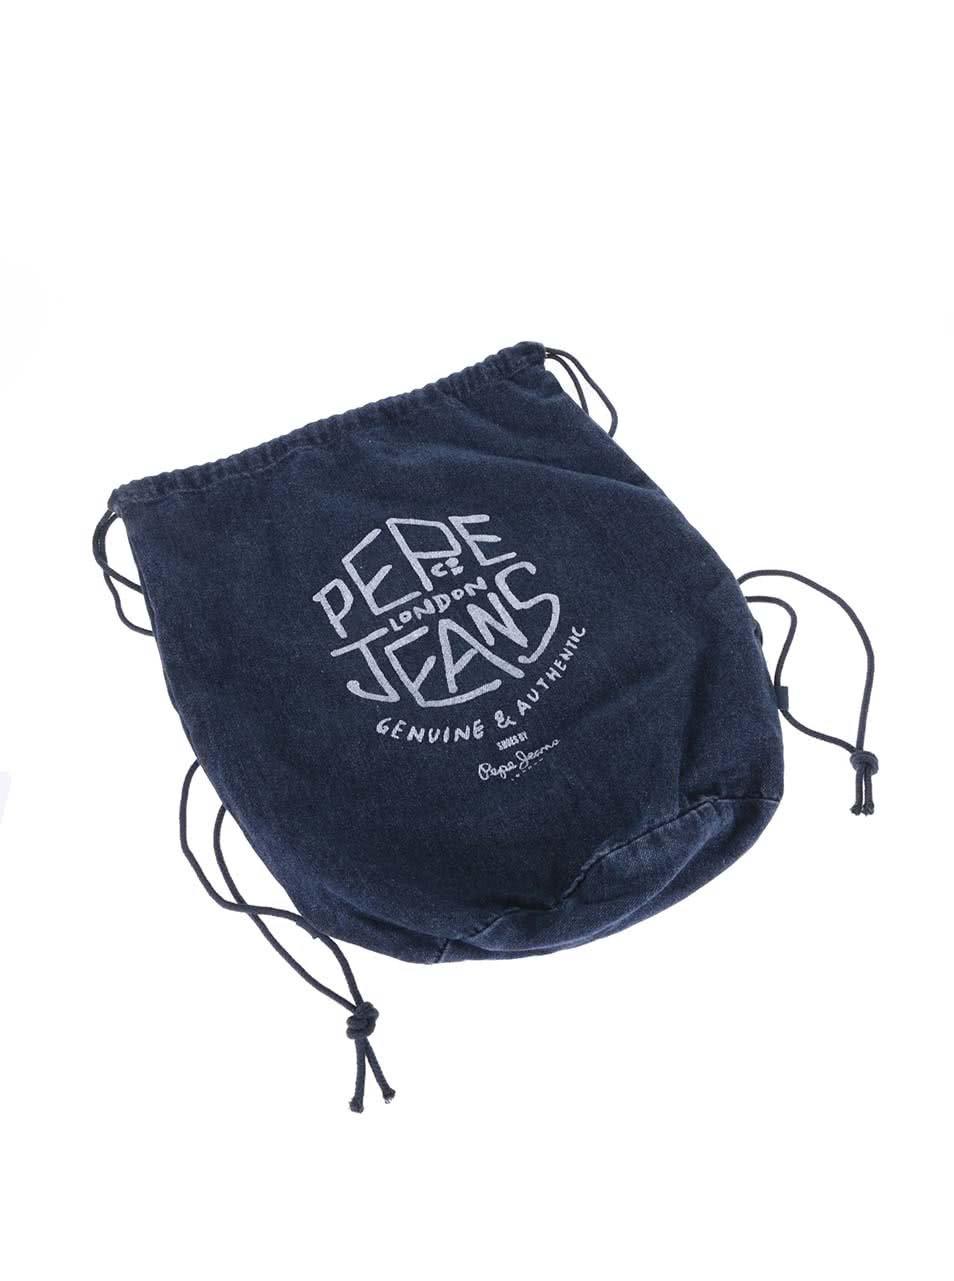 8fcf3d31a5f Modré pánske rifľové tenisky Pepe Jeans Industry Denim ...